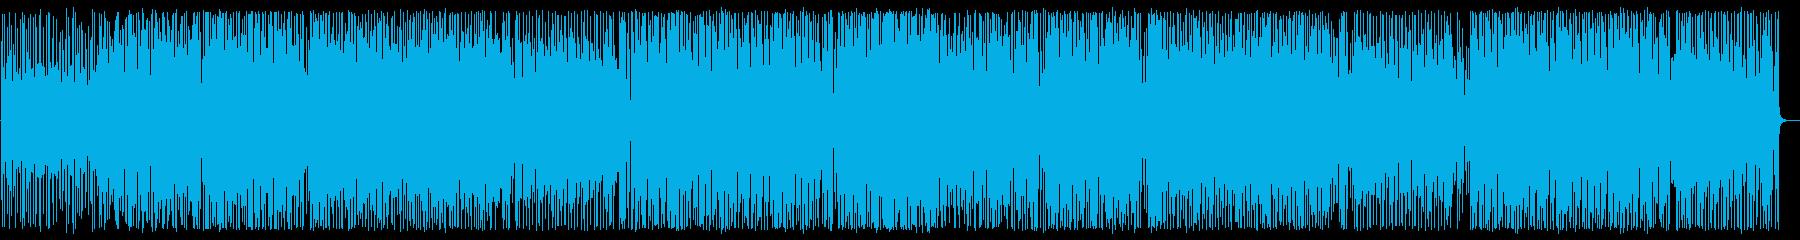 アップテンポで疾走感あるハウスの曲の再生済みの波形